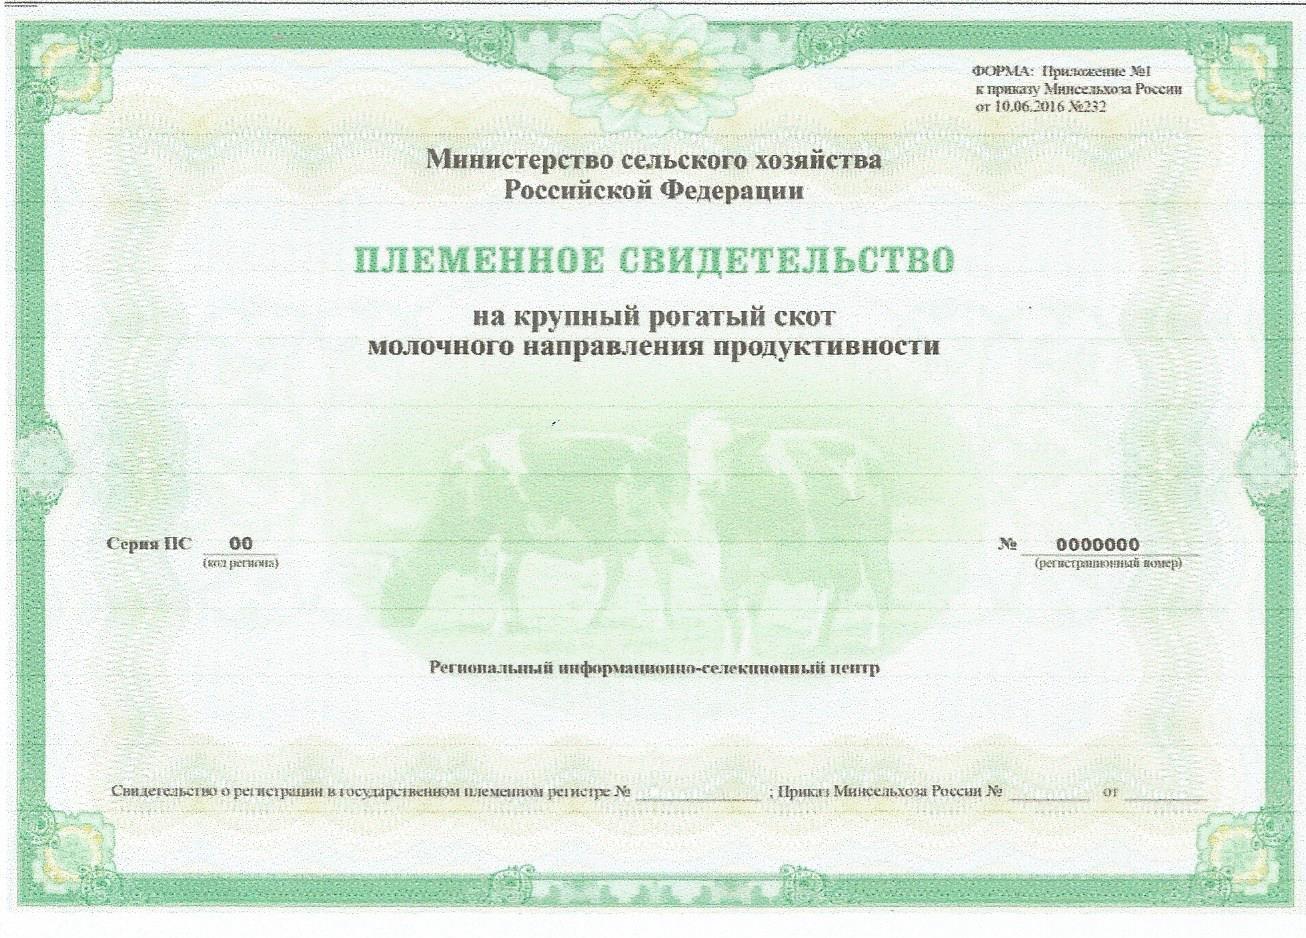 Министерство сельского хозяйства и продовольствия Пермского края утвердило методику по порядку формирования и выдачи племенных свидетельств